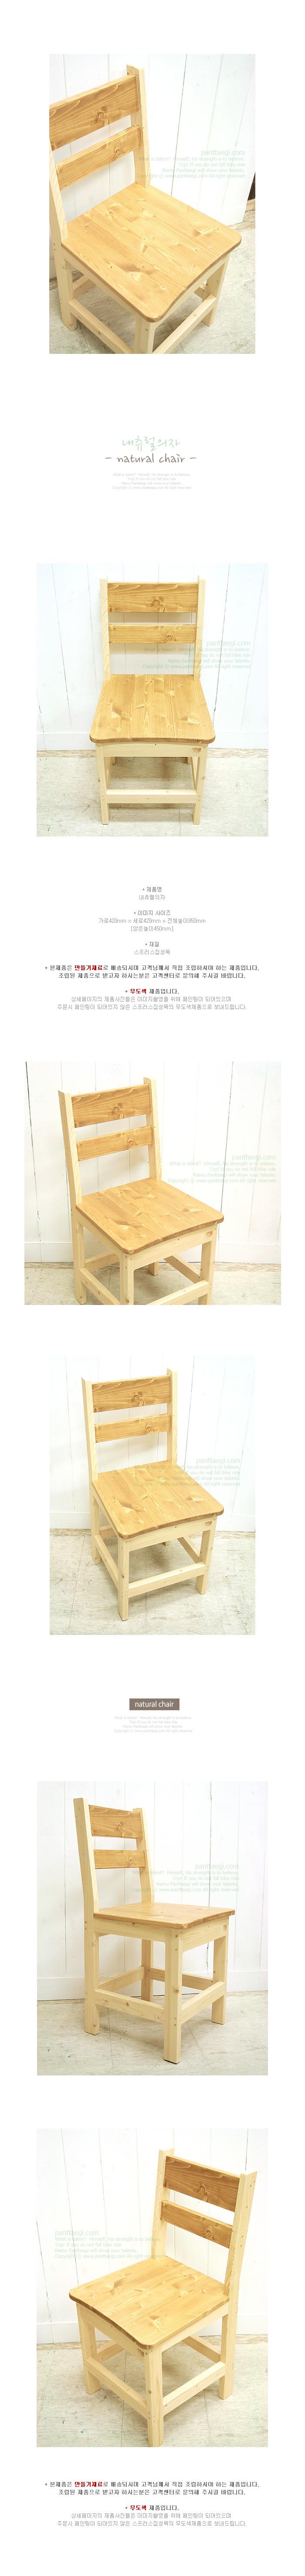 내츄럴의자 - 나무판때기, 82,700원, 가구 DIY, 선반/선반장